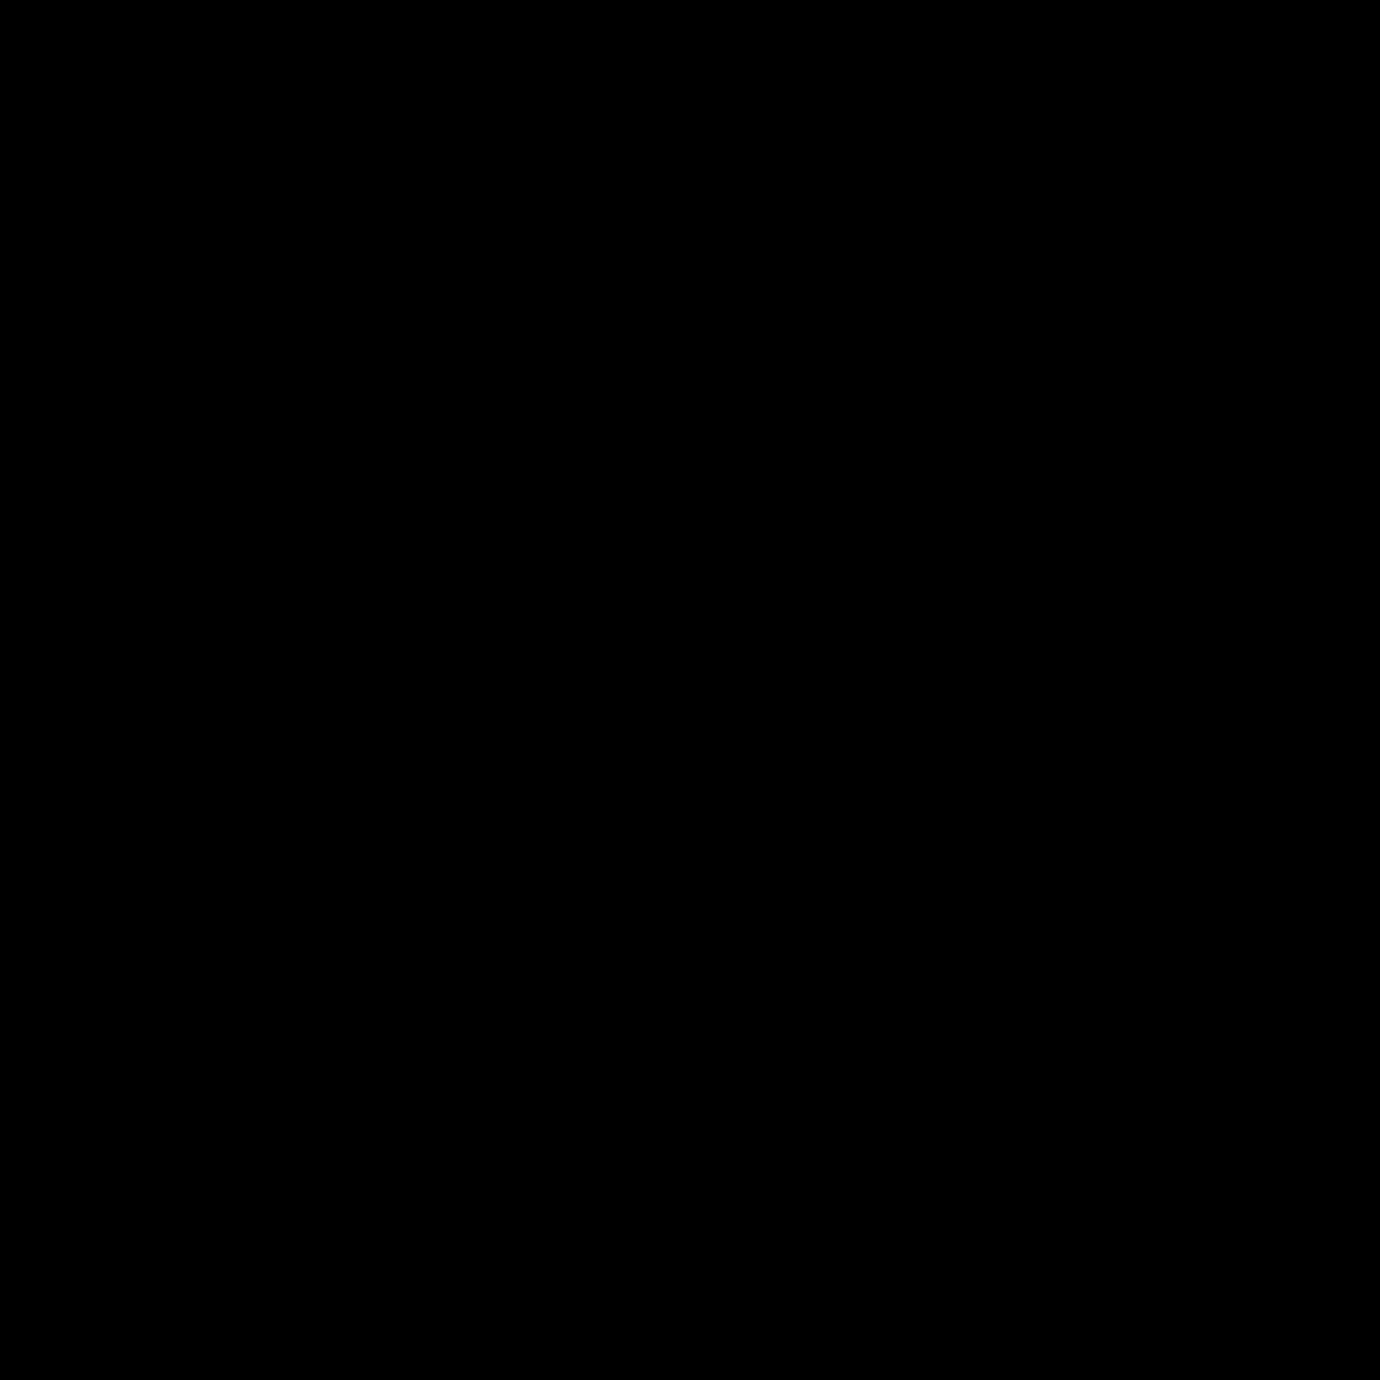 【商業事務組】樂聚半島非凡50呈獻:商智商識之《安多FUN工作企劃問卷調查發布會暨閉幕禮》